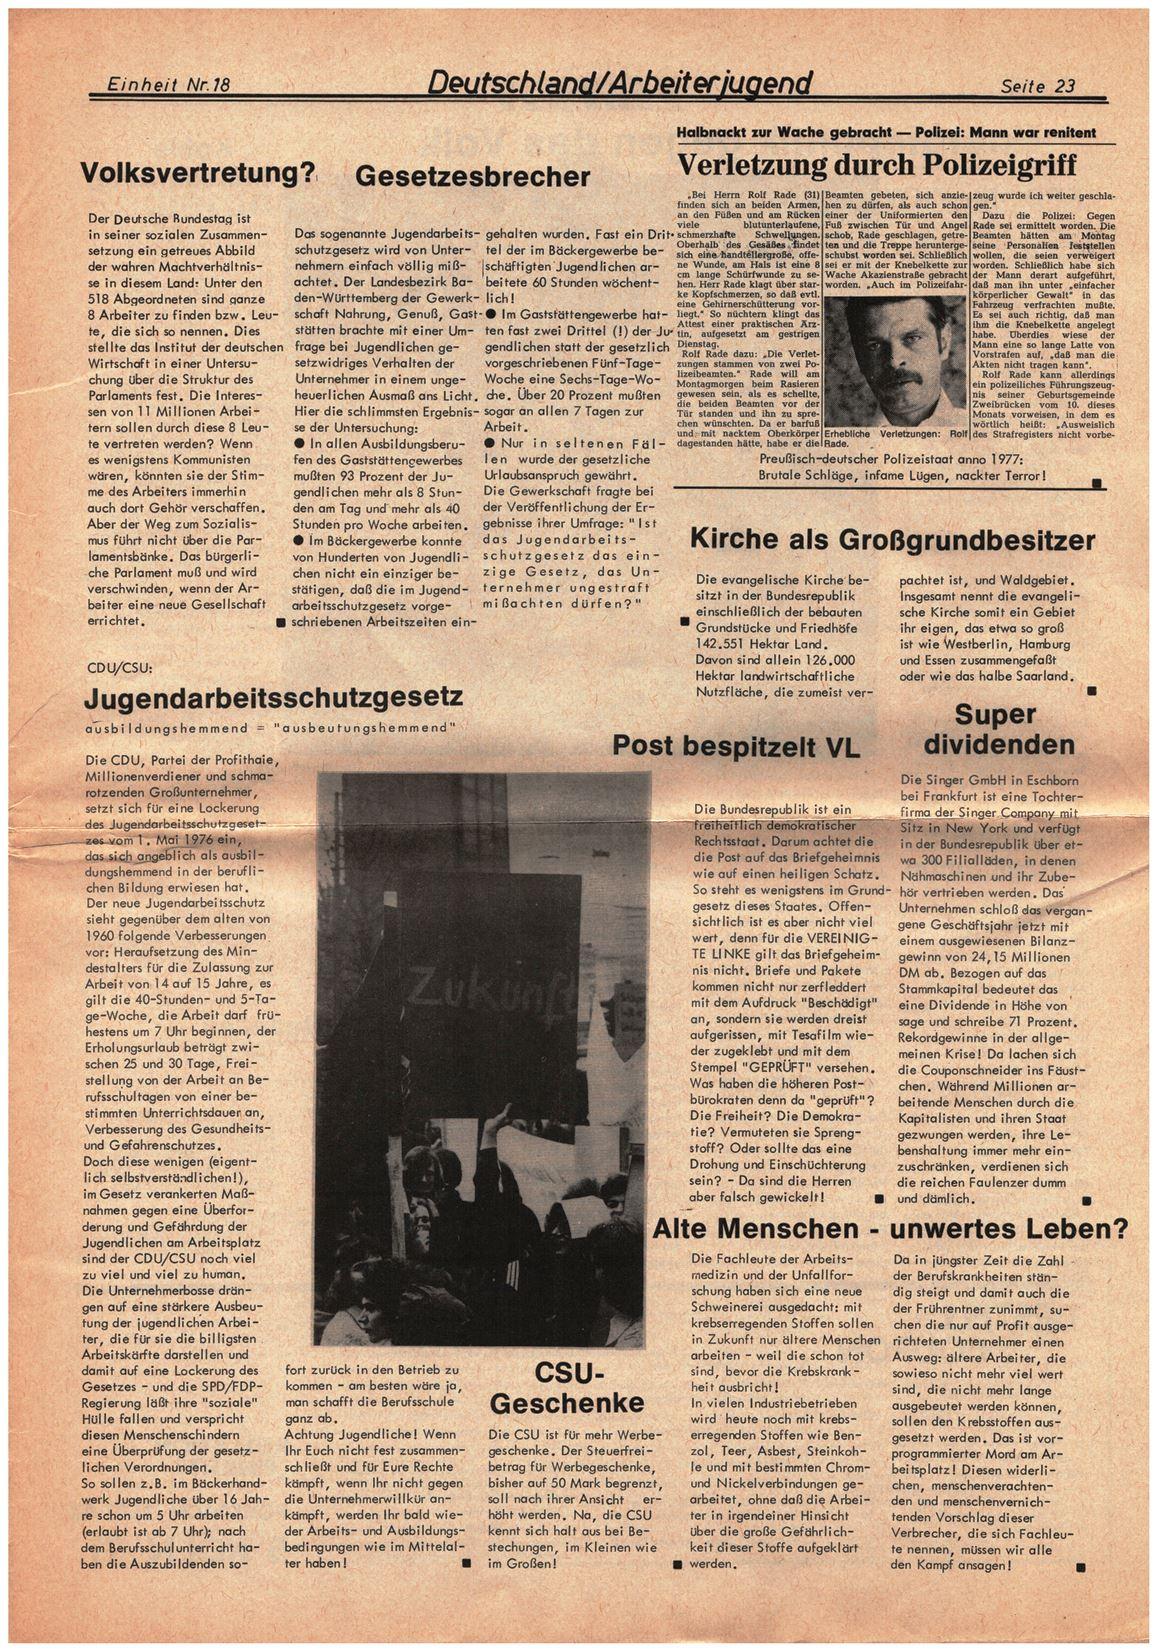 Koeln_IPdA_Einheit_1977_018_023